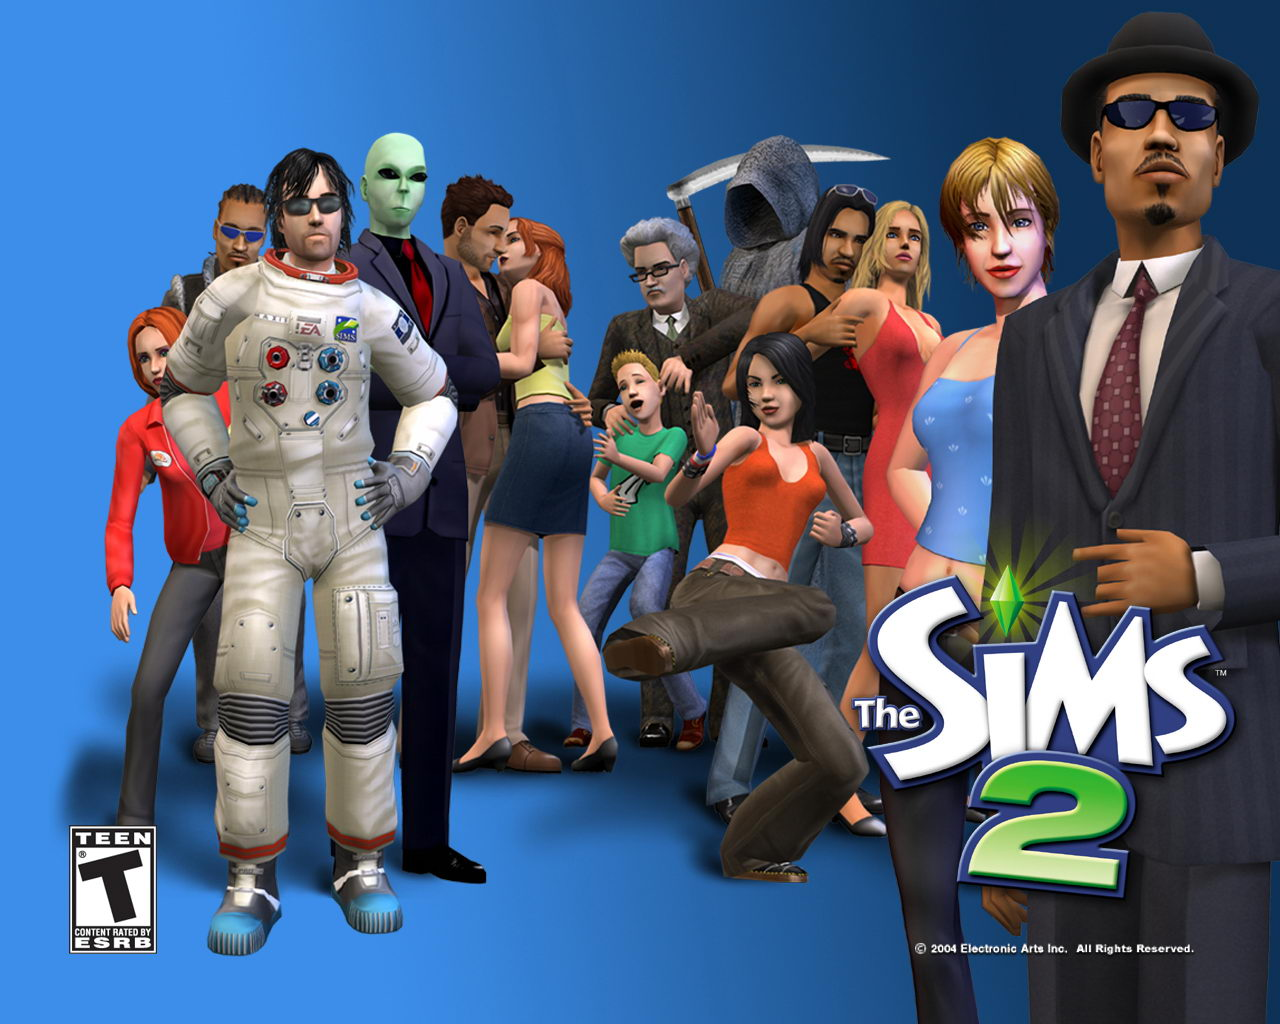 تحميل لعبة ذا سيمز الجزء الثاني - The Sims 2